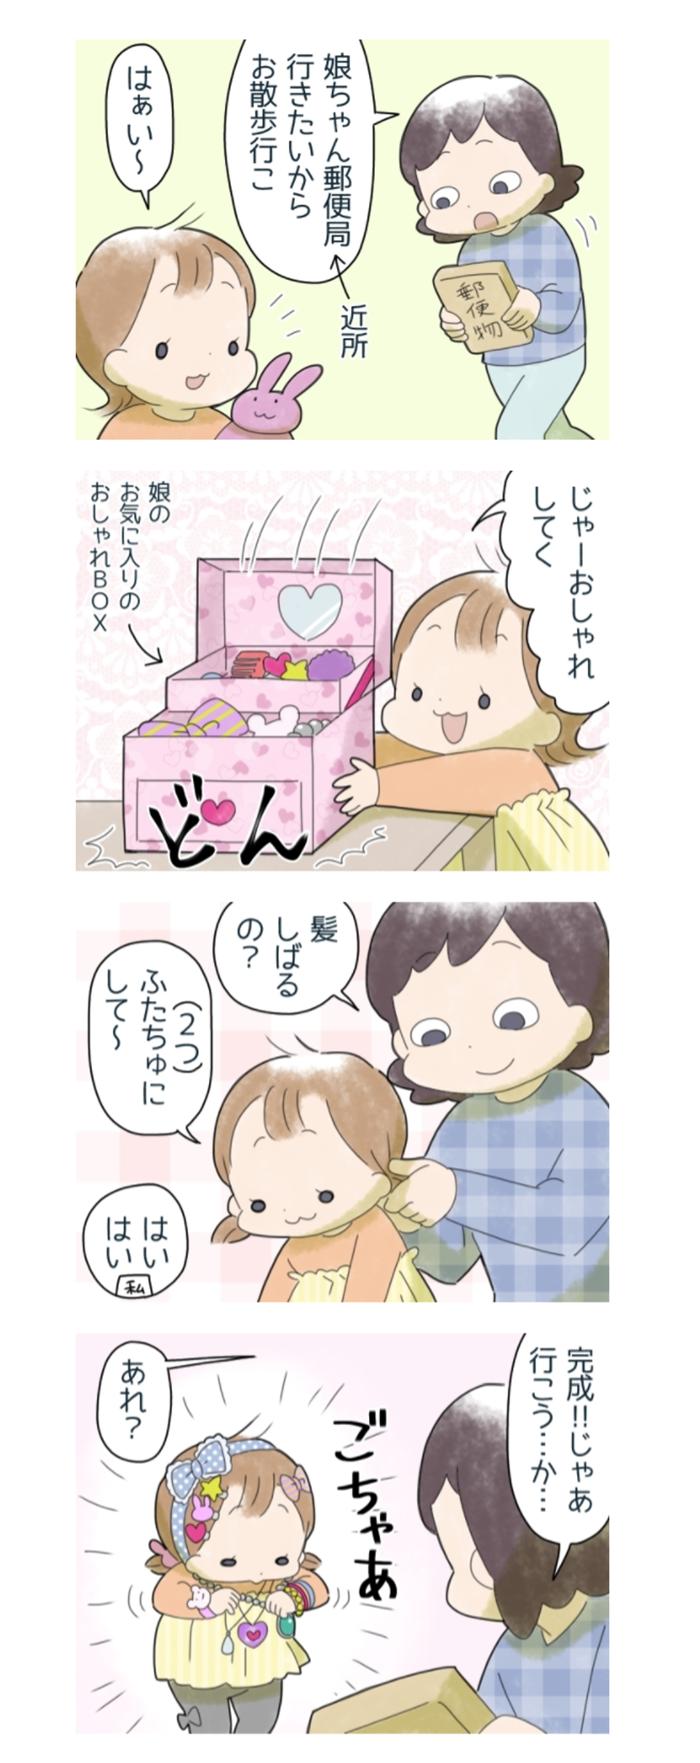 「ごねる娘の説得方法」「先生を泣かせるはずだったのに」…おすすめ記事!の画像7